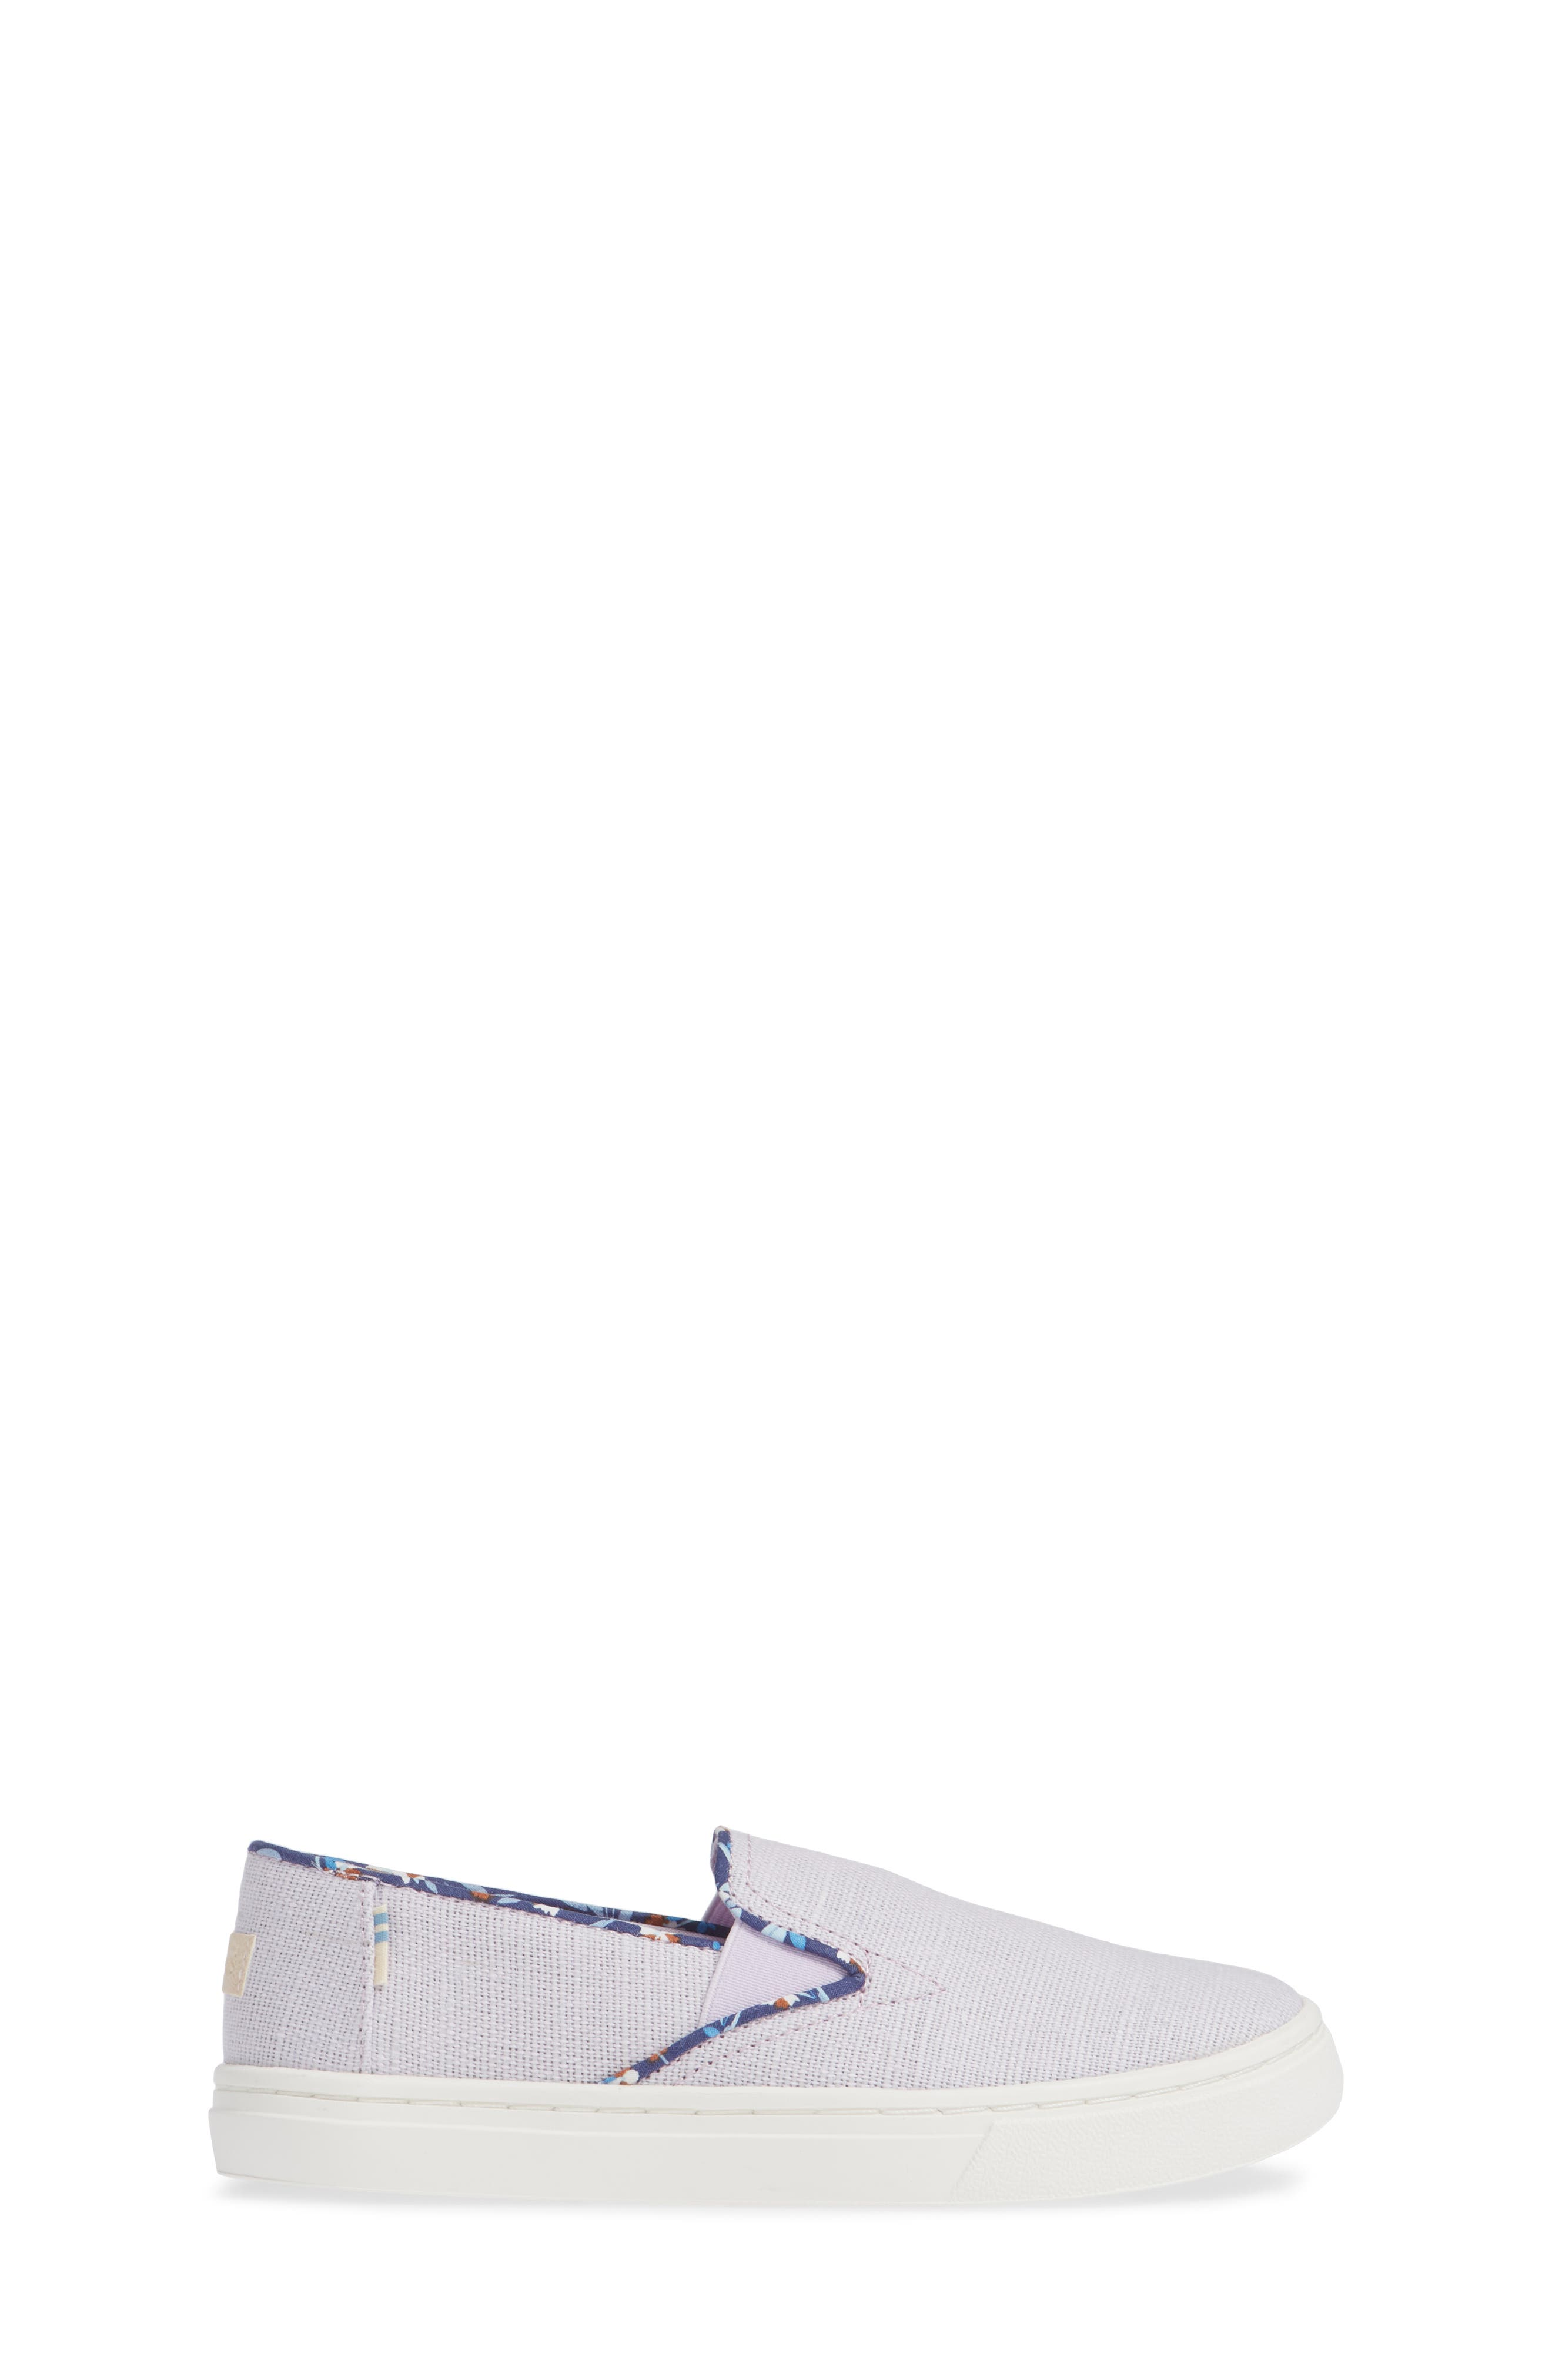 Luca Slip-On Sneaker,                             Alternate thumbnail 25, color,